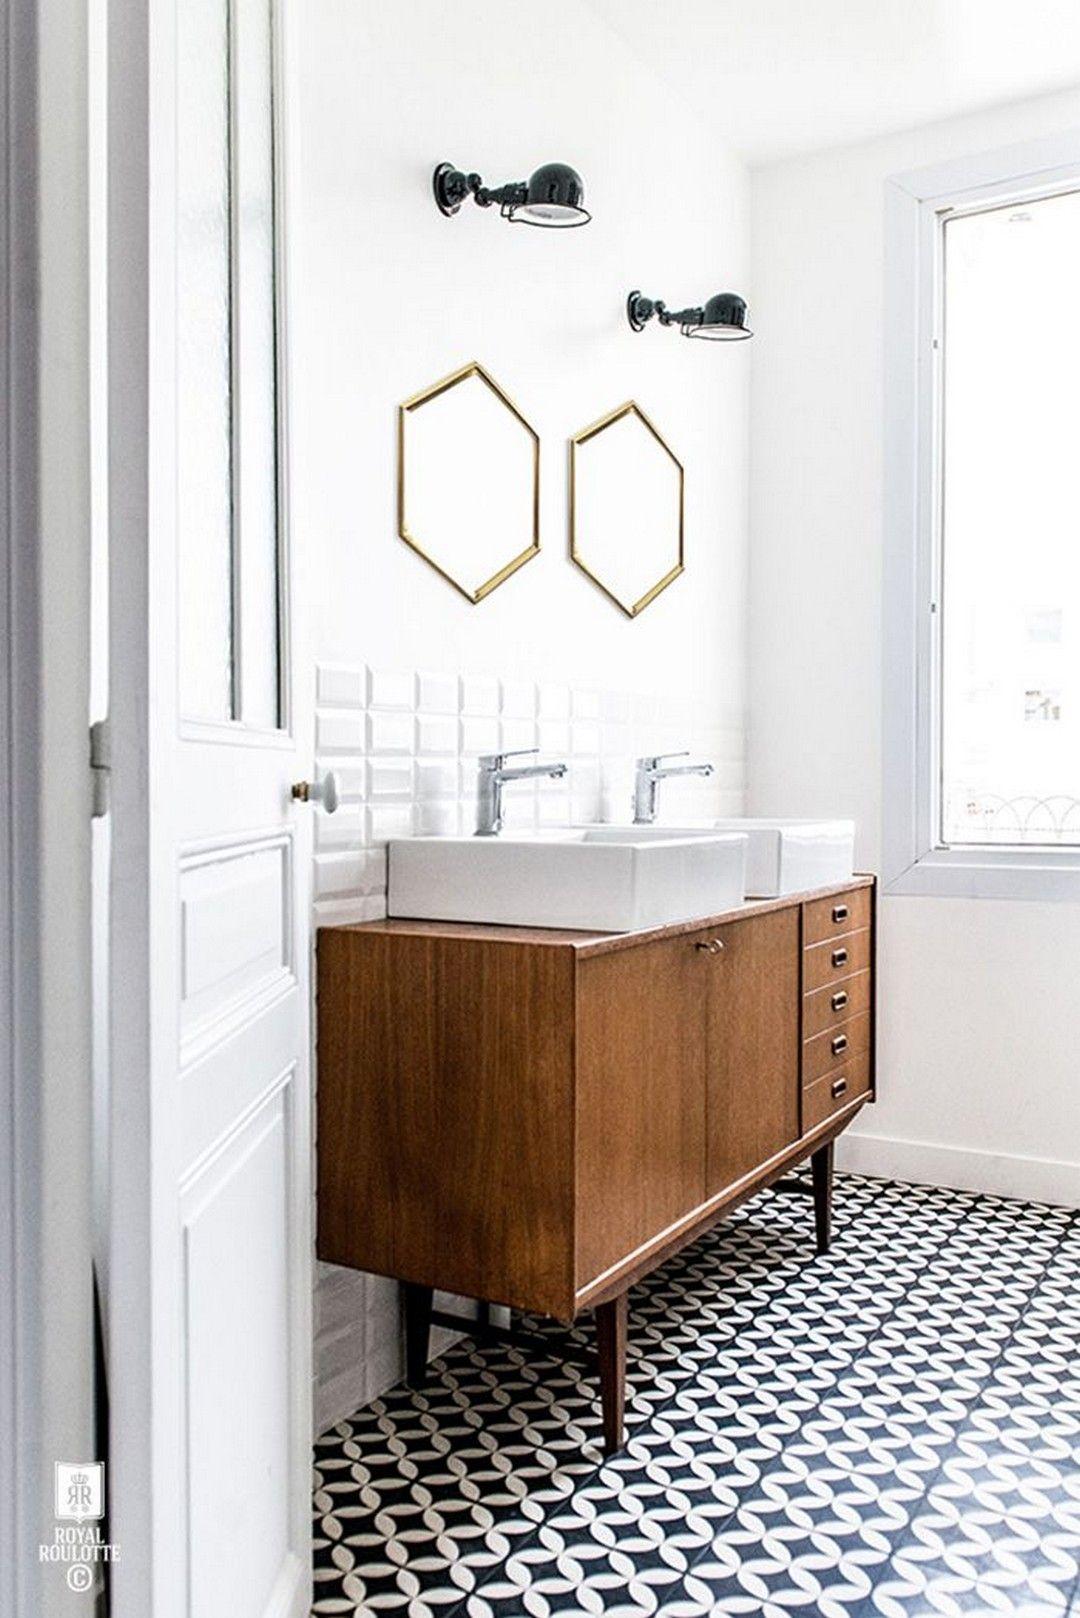 75 Midcentury Modern Bathroom Tile Ideas In 2020 Bathroom Trends